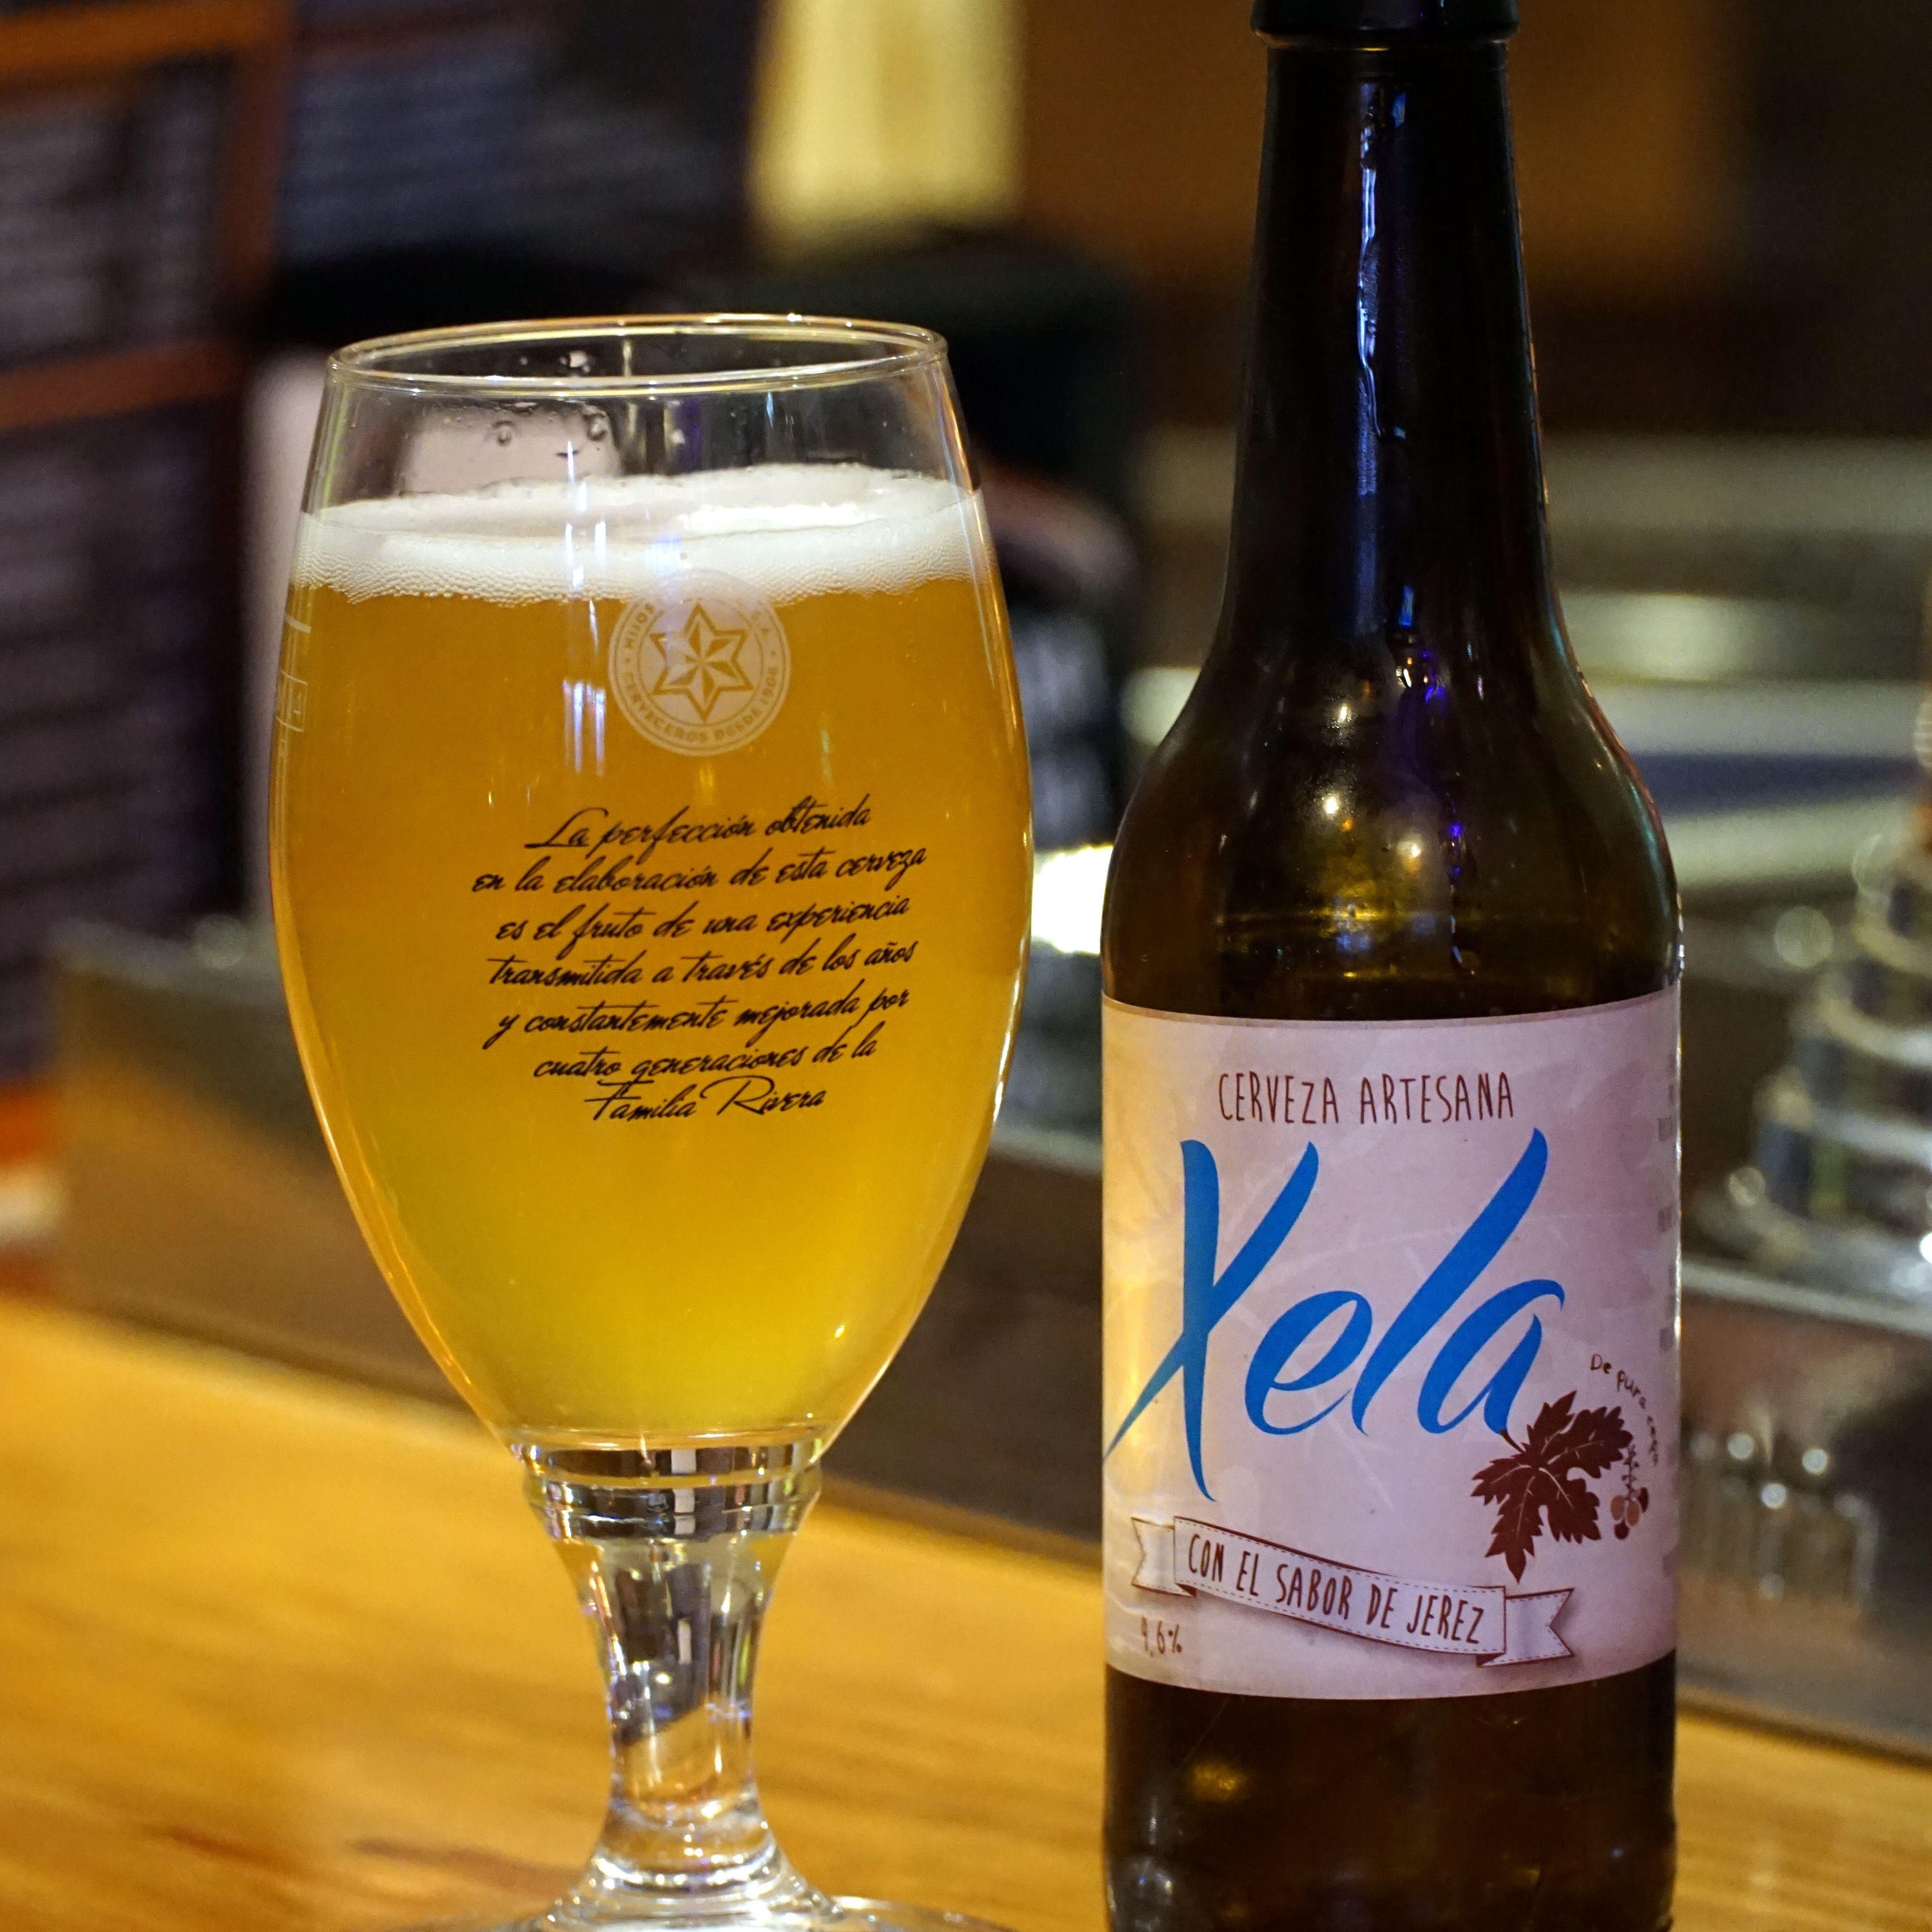 Xela Beer